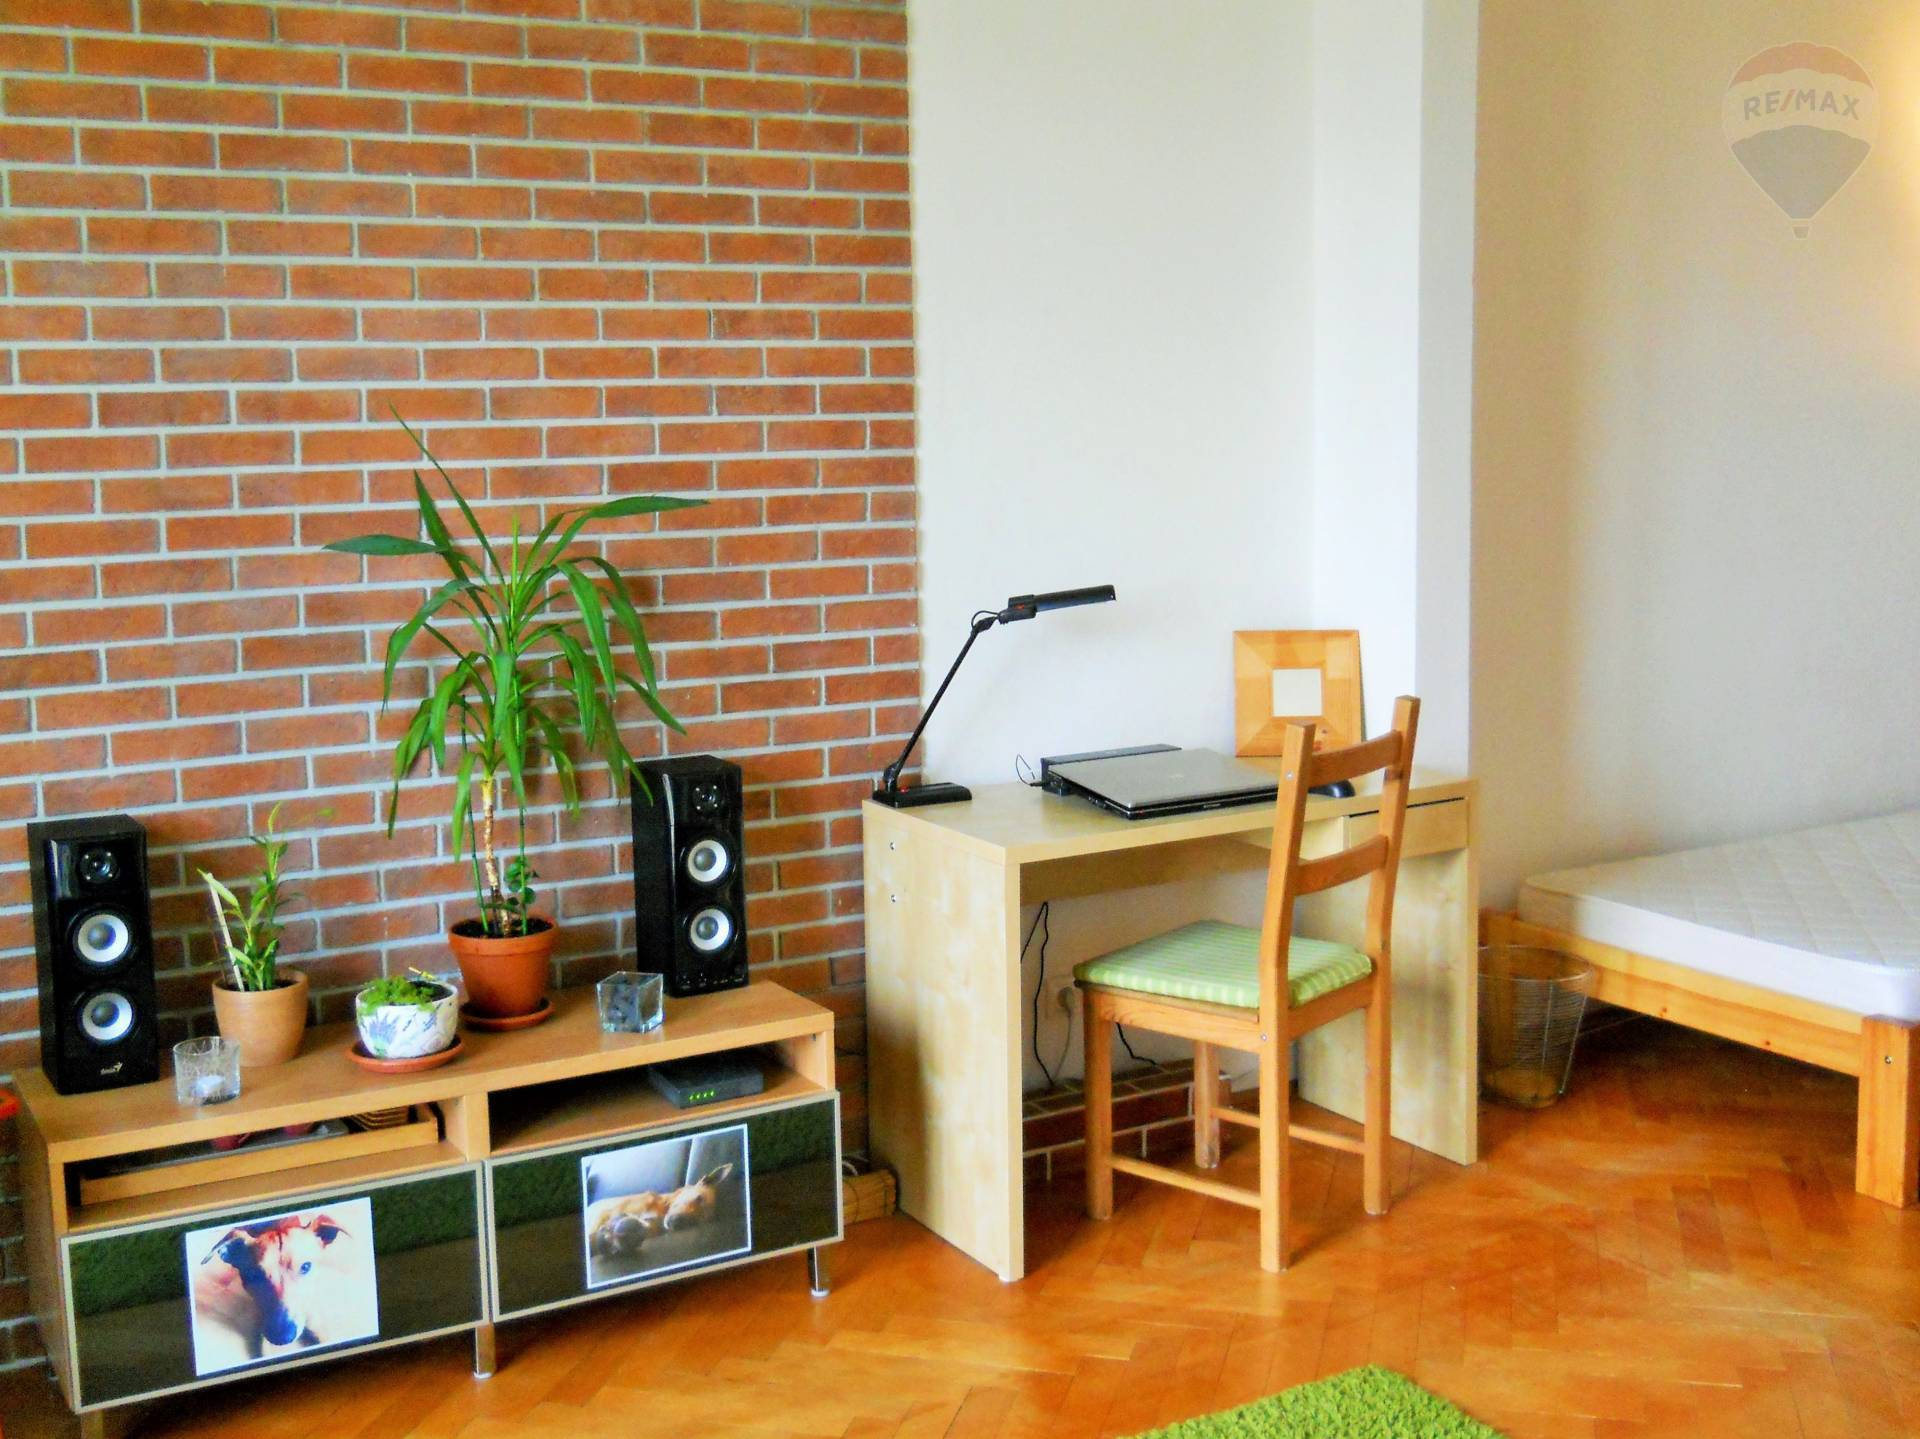 1,5 izbový rekonštruovaný byt na predaj s francúzskym balkónom pri Štrkoveckom jazere